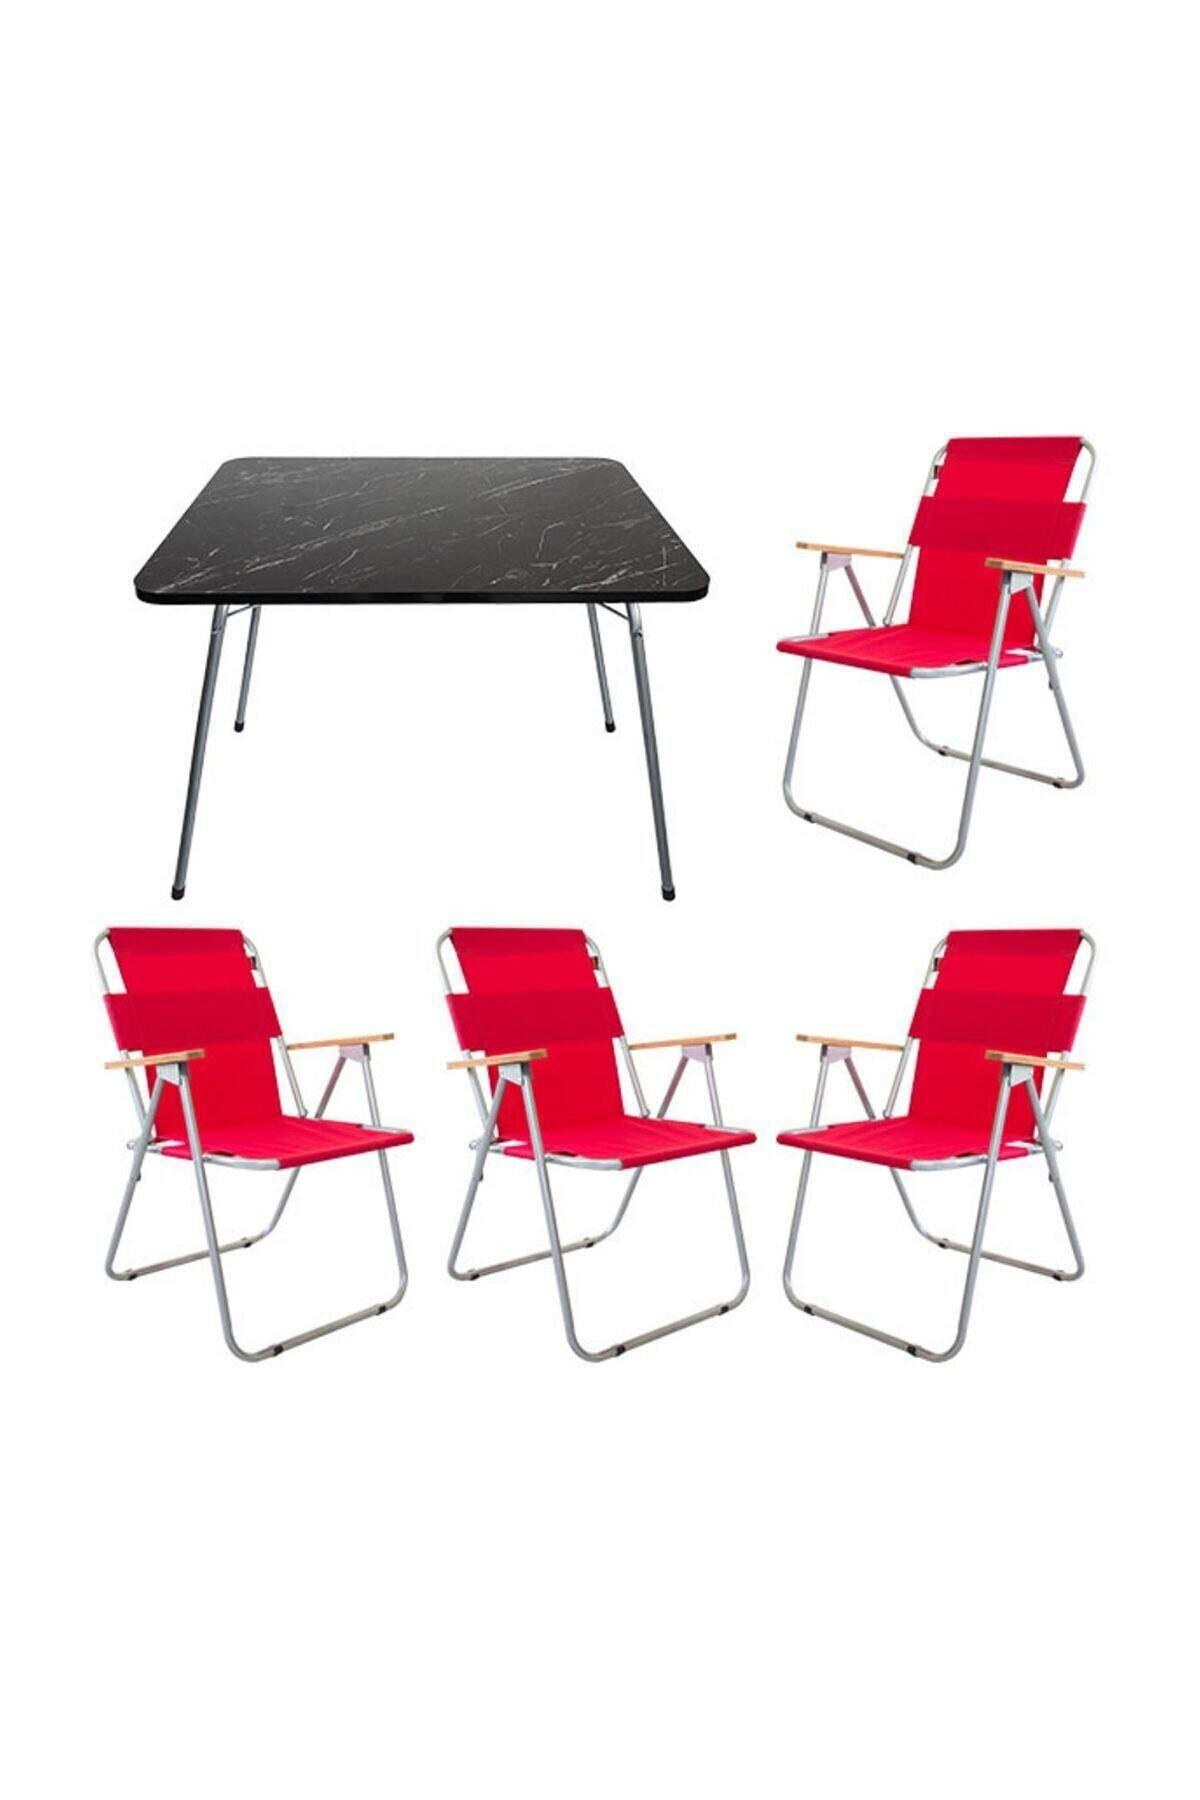 Bofigo 60x80 Granit Katlanır Masa + 4 Adet Katlanır Sandalye Kamp Seti Bahçe Balkon Takımı Kırmızı